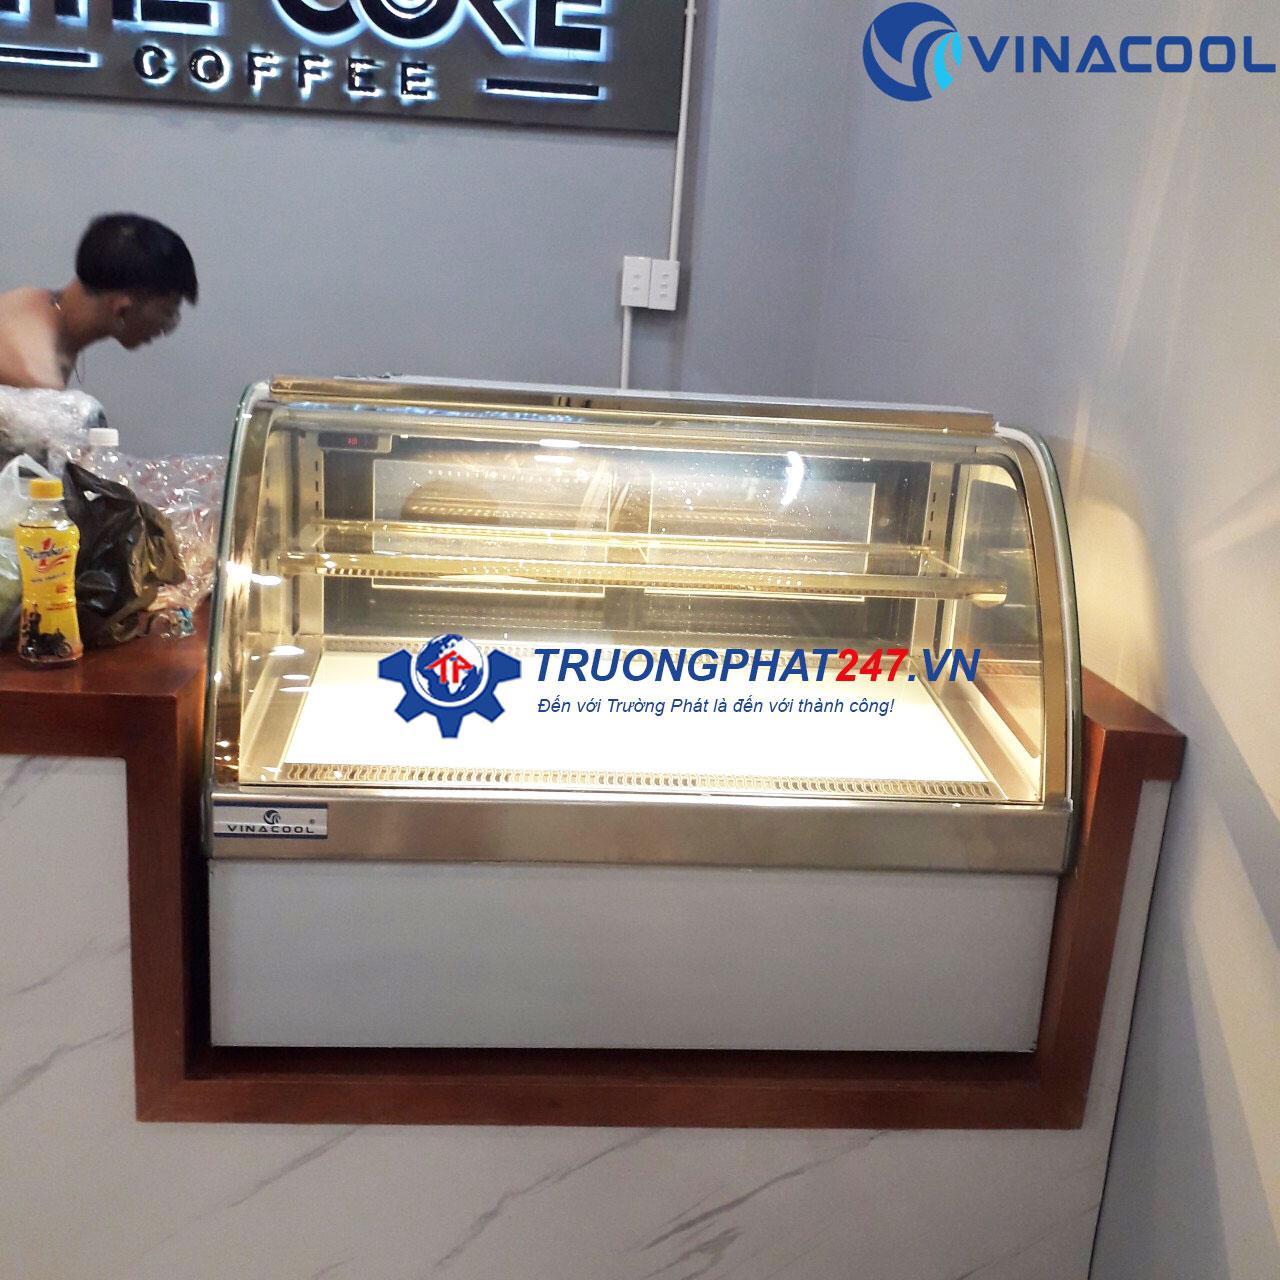 Bí mật giúp tủ bánh ngọt mini Vinacool chiếm lĩnh thị trường